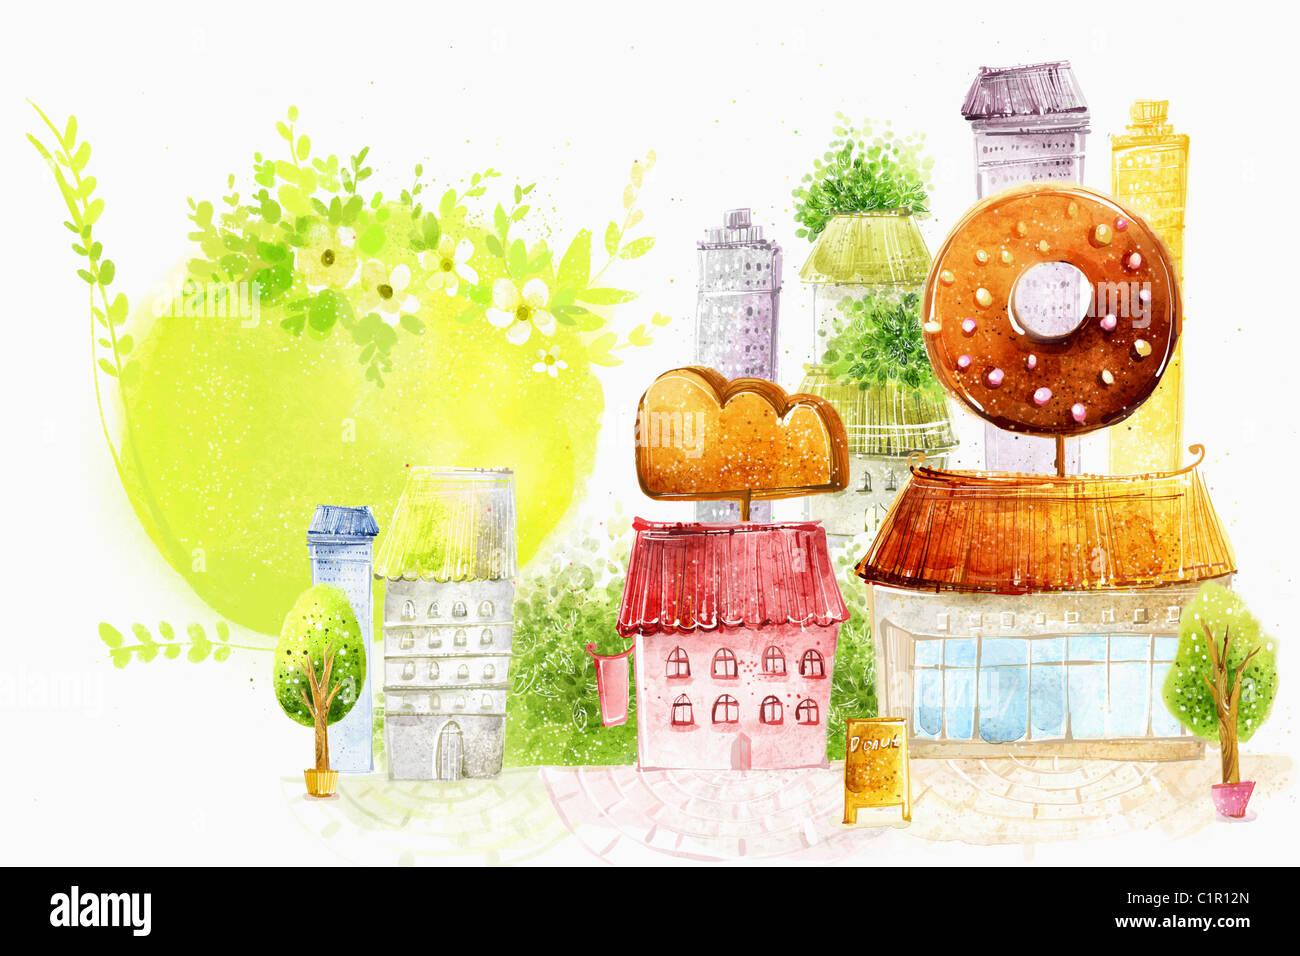 La molla scena del villaggio nebuloso Immagini Stock